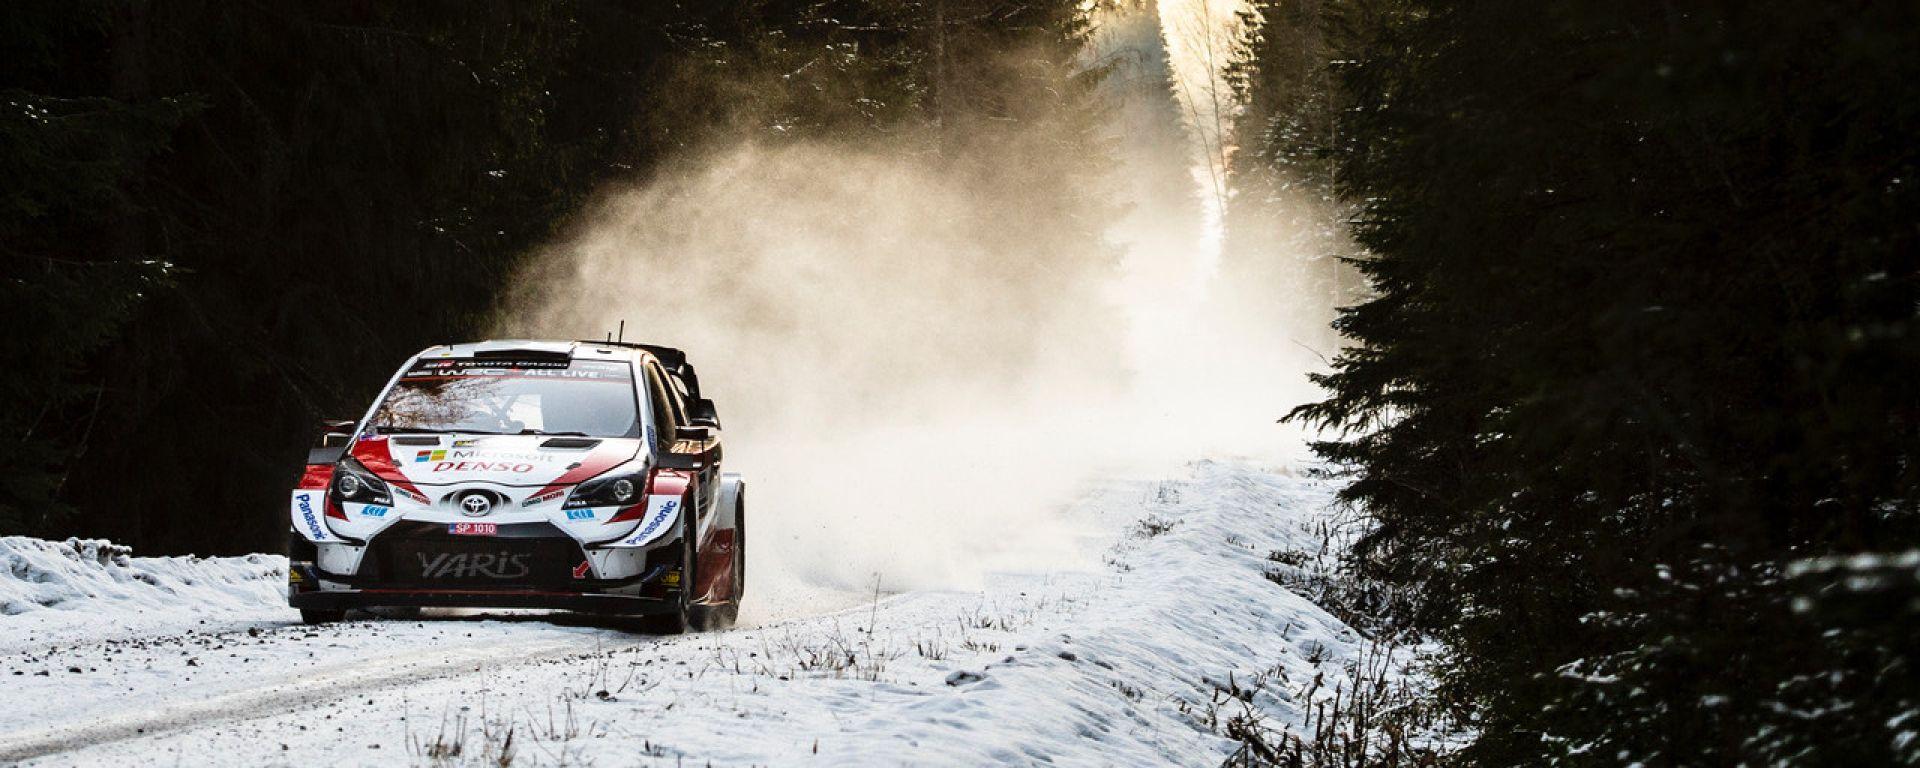 WRC, Rally Svezia 2020: Elfyn Evans (Toyota)